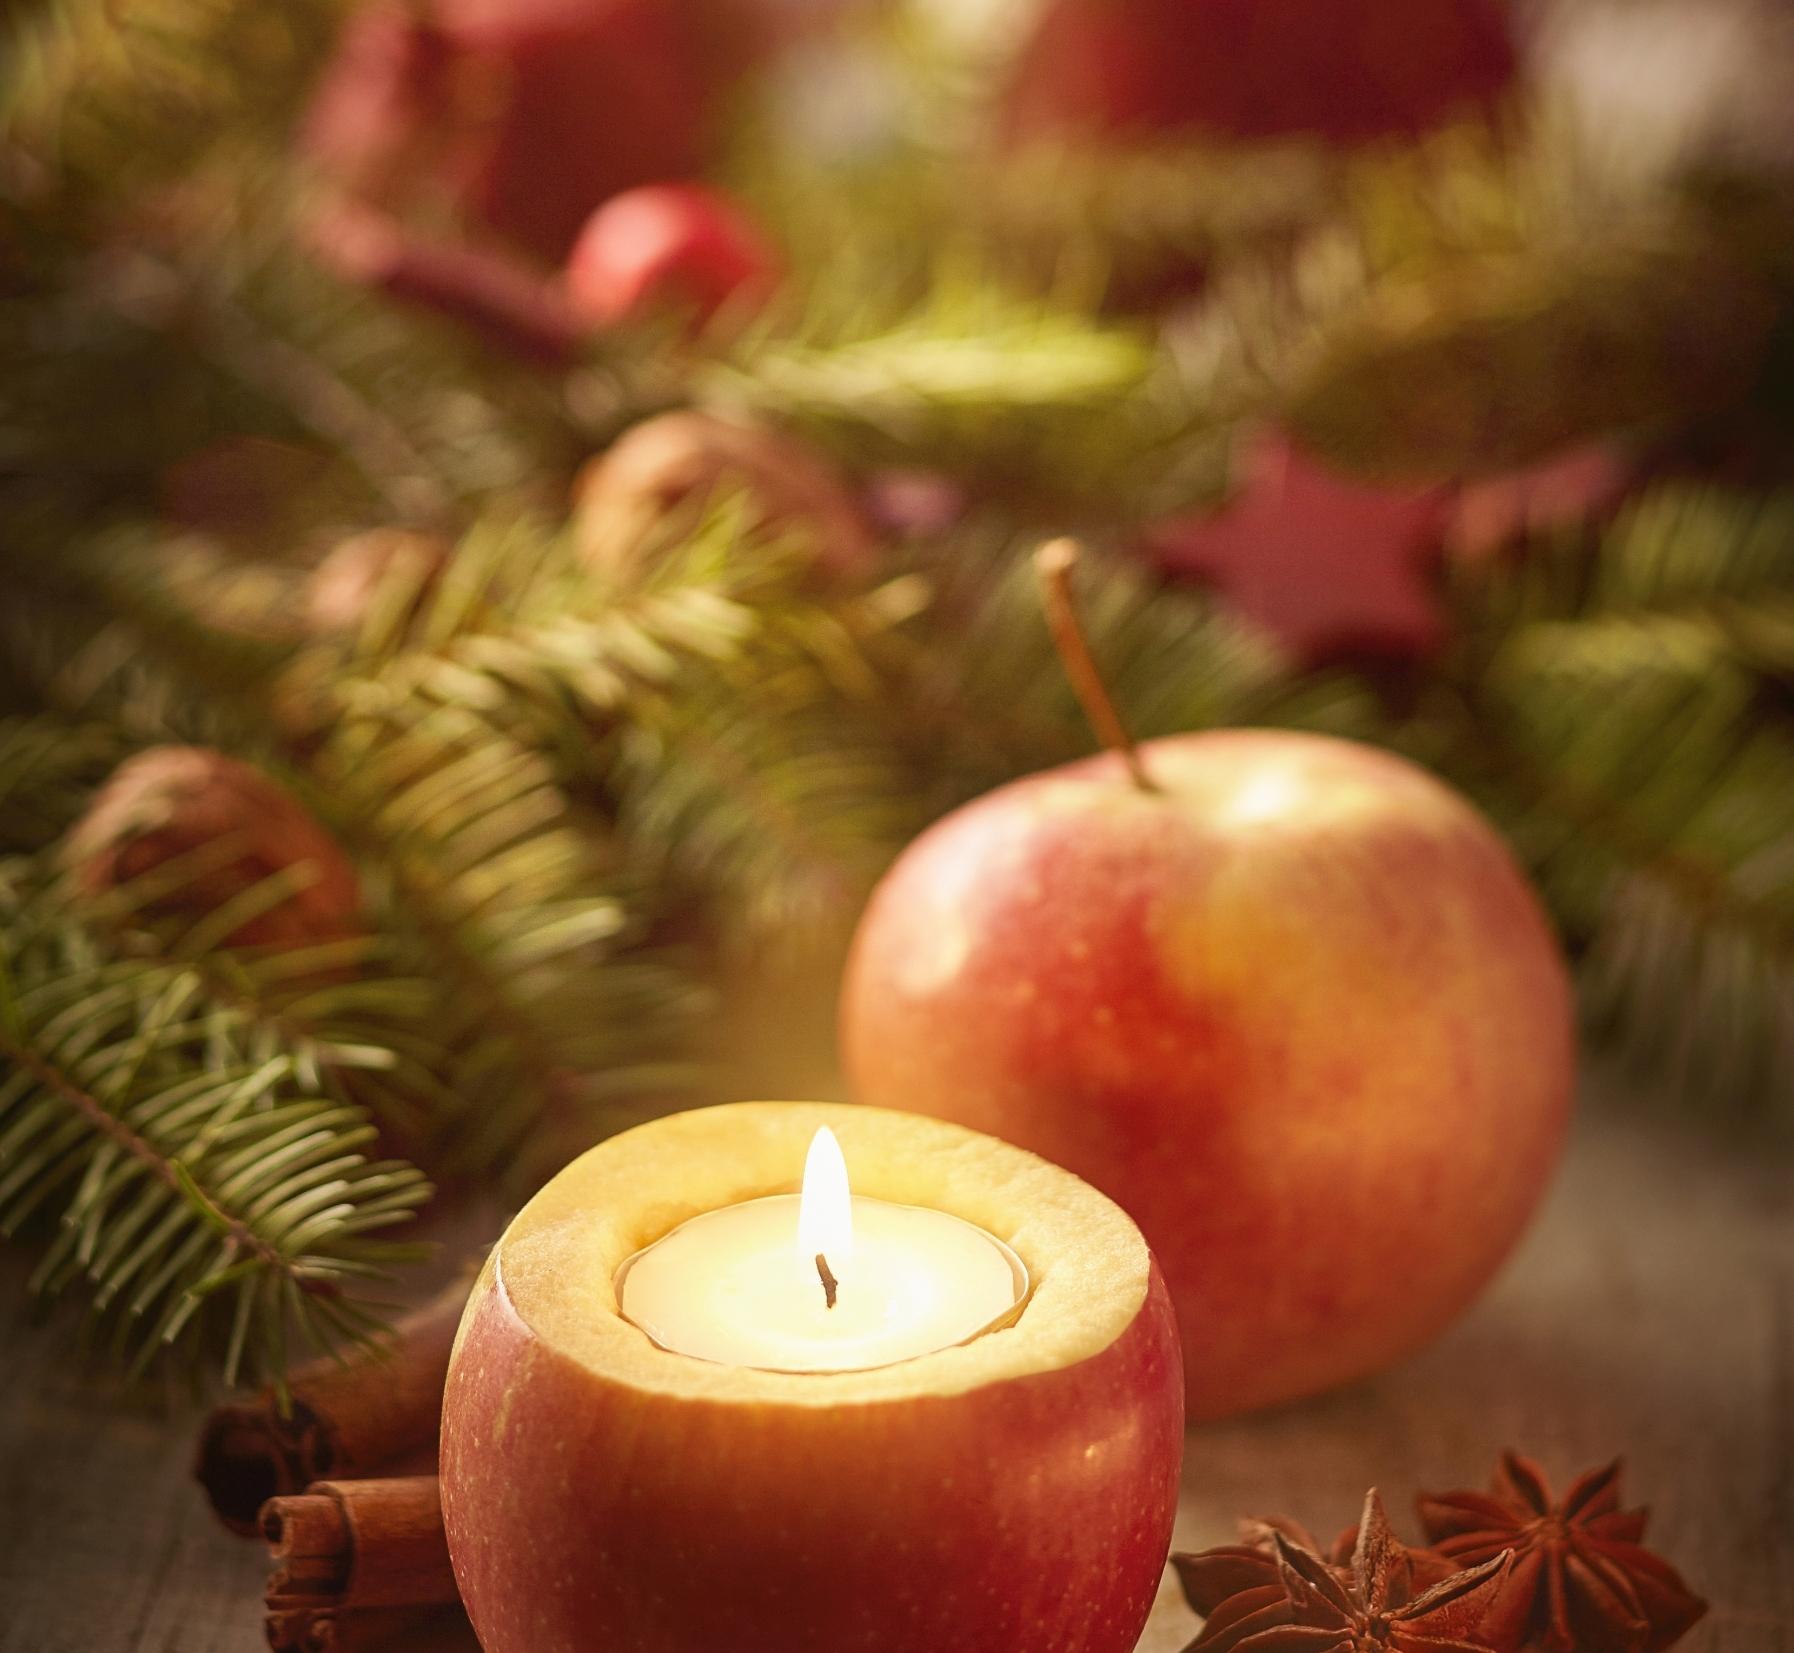 Obst aus Deutschland: Zum Anbeißen schöne Deko in der Vorweihnachtszeit